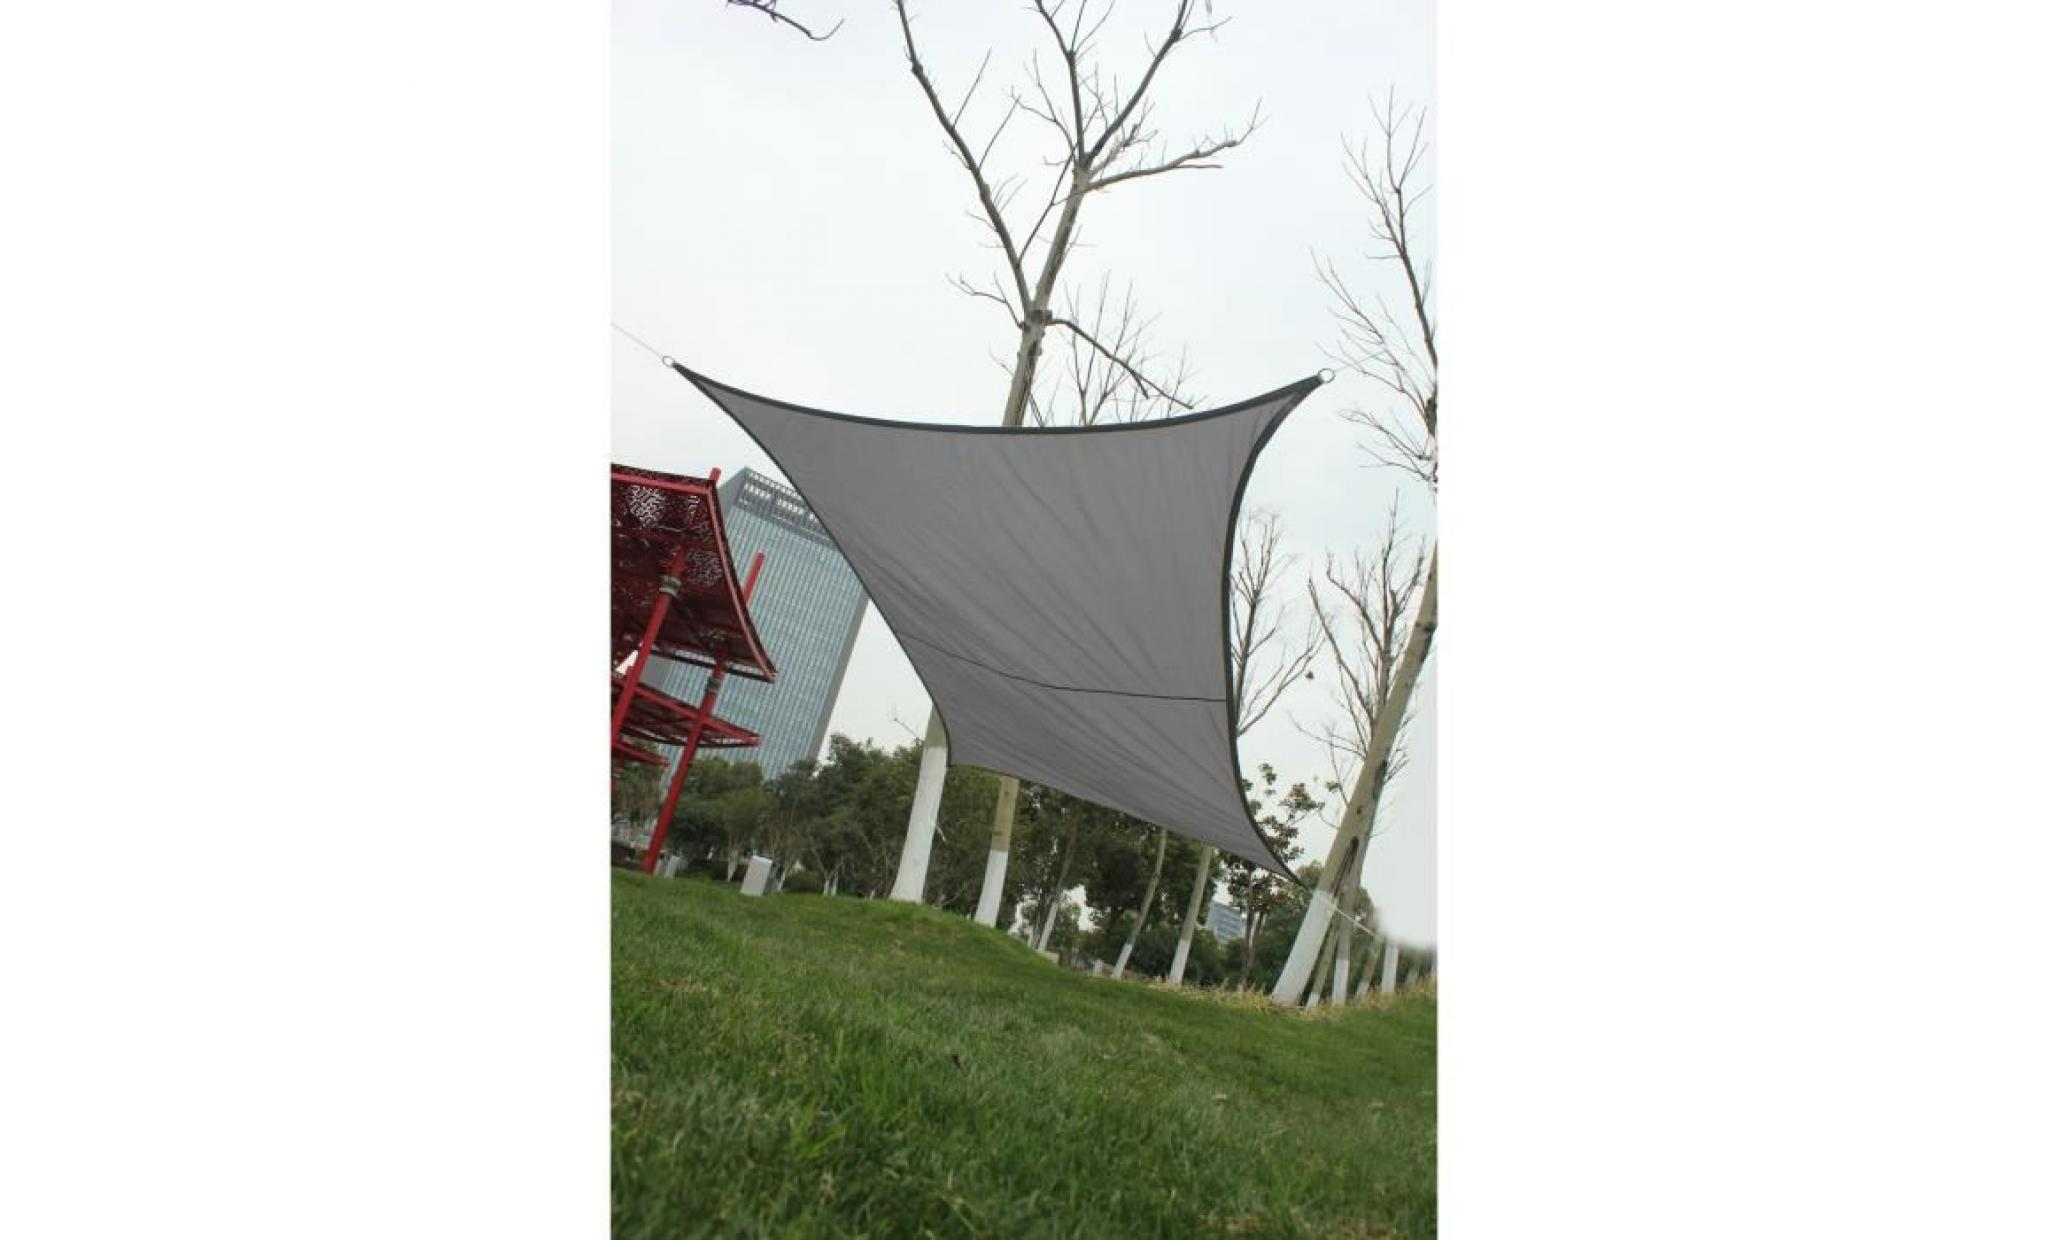 protection des rayons uv et tissu impermeable voile dombrage pour exterieur terrasse jardin anthracite voile dombrage rectangulaire 2 2 m beige sylc voile dombrage parasols et stores voiles d ombrage